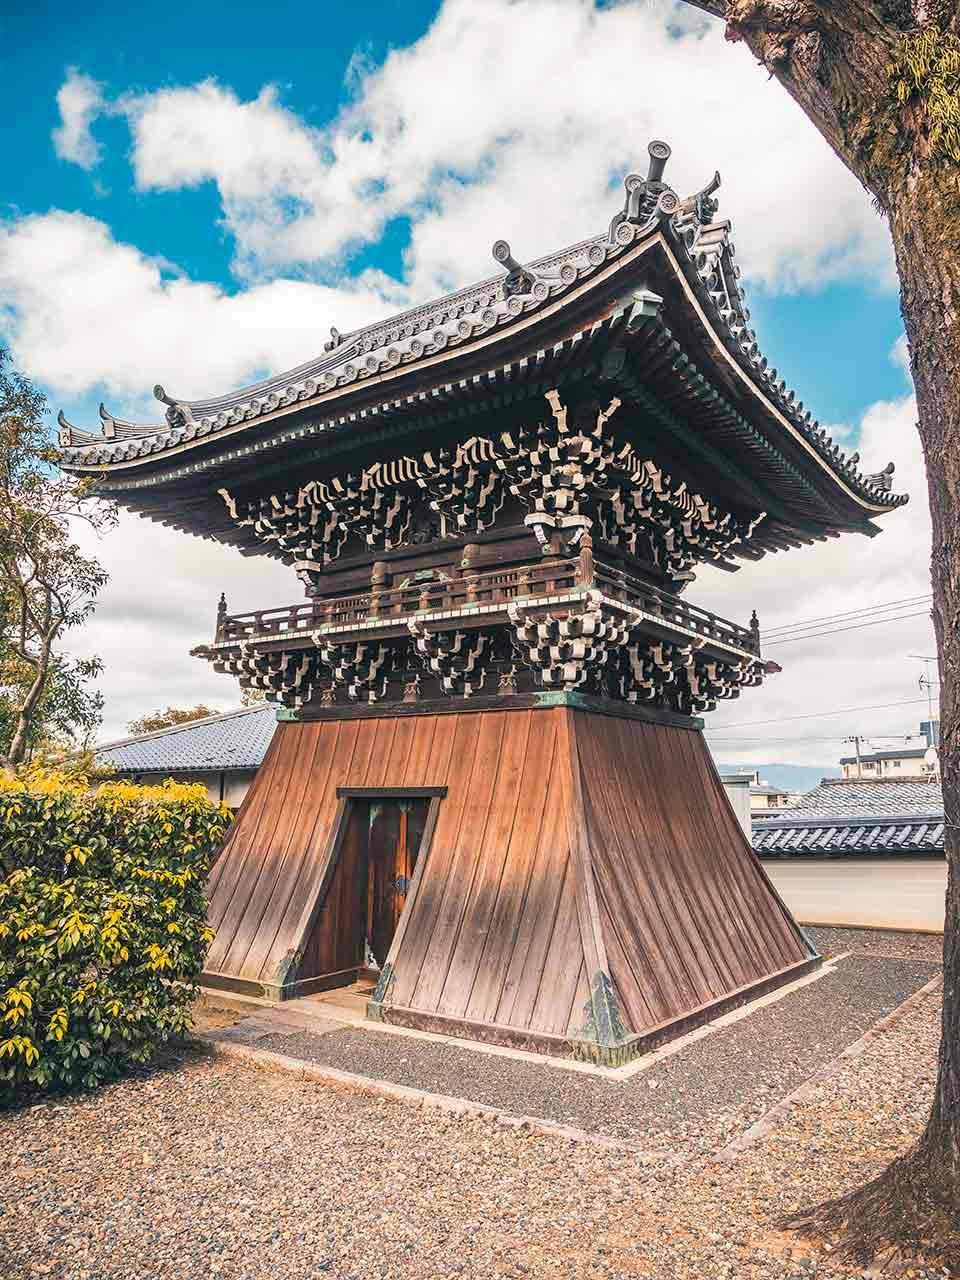 Kiyomizu Dera Tempel in Kyoto Japan